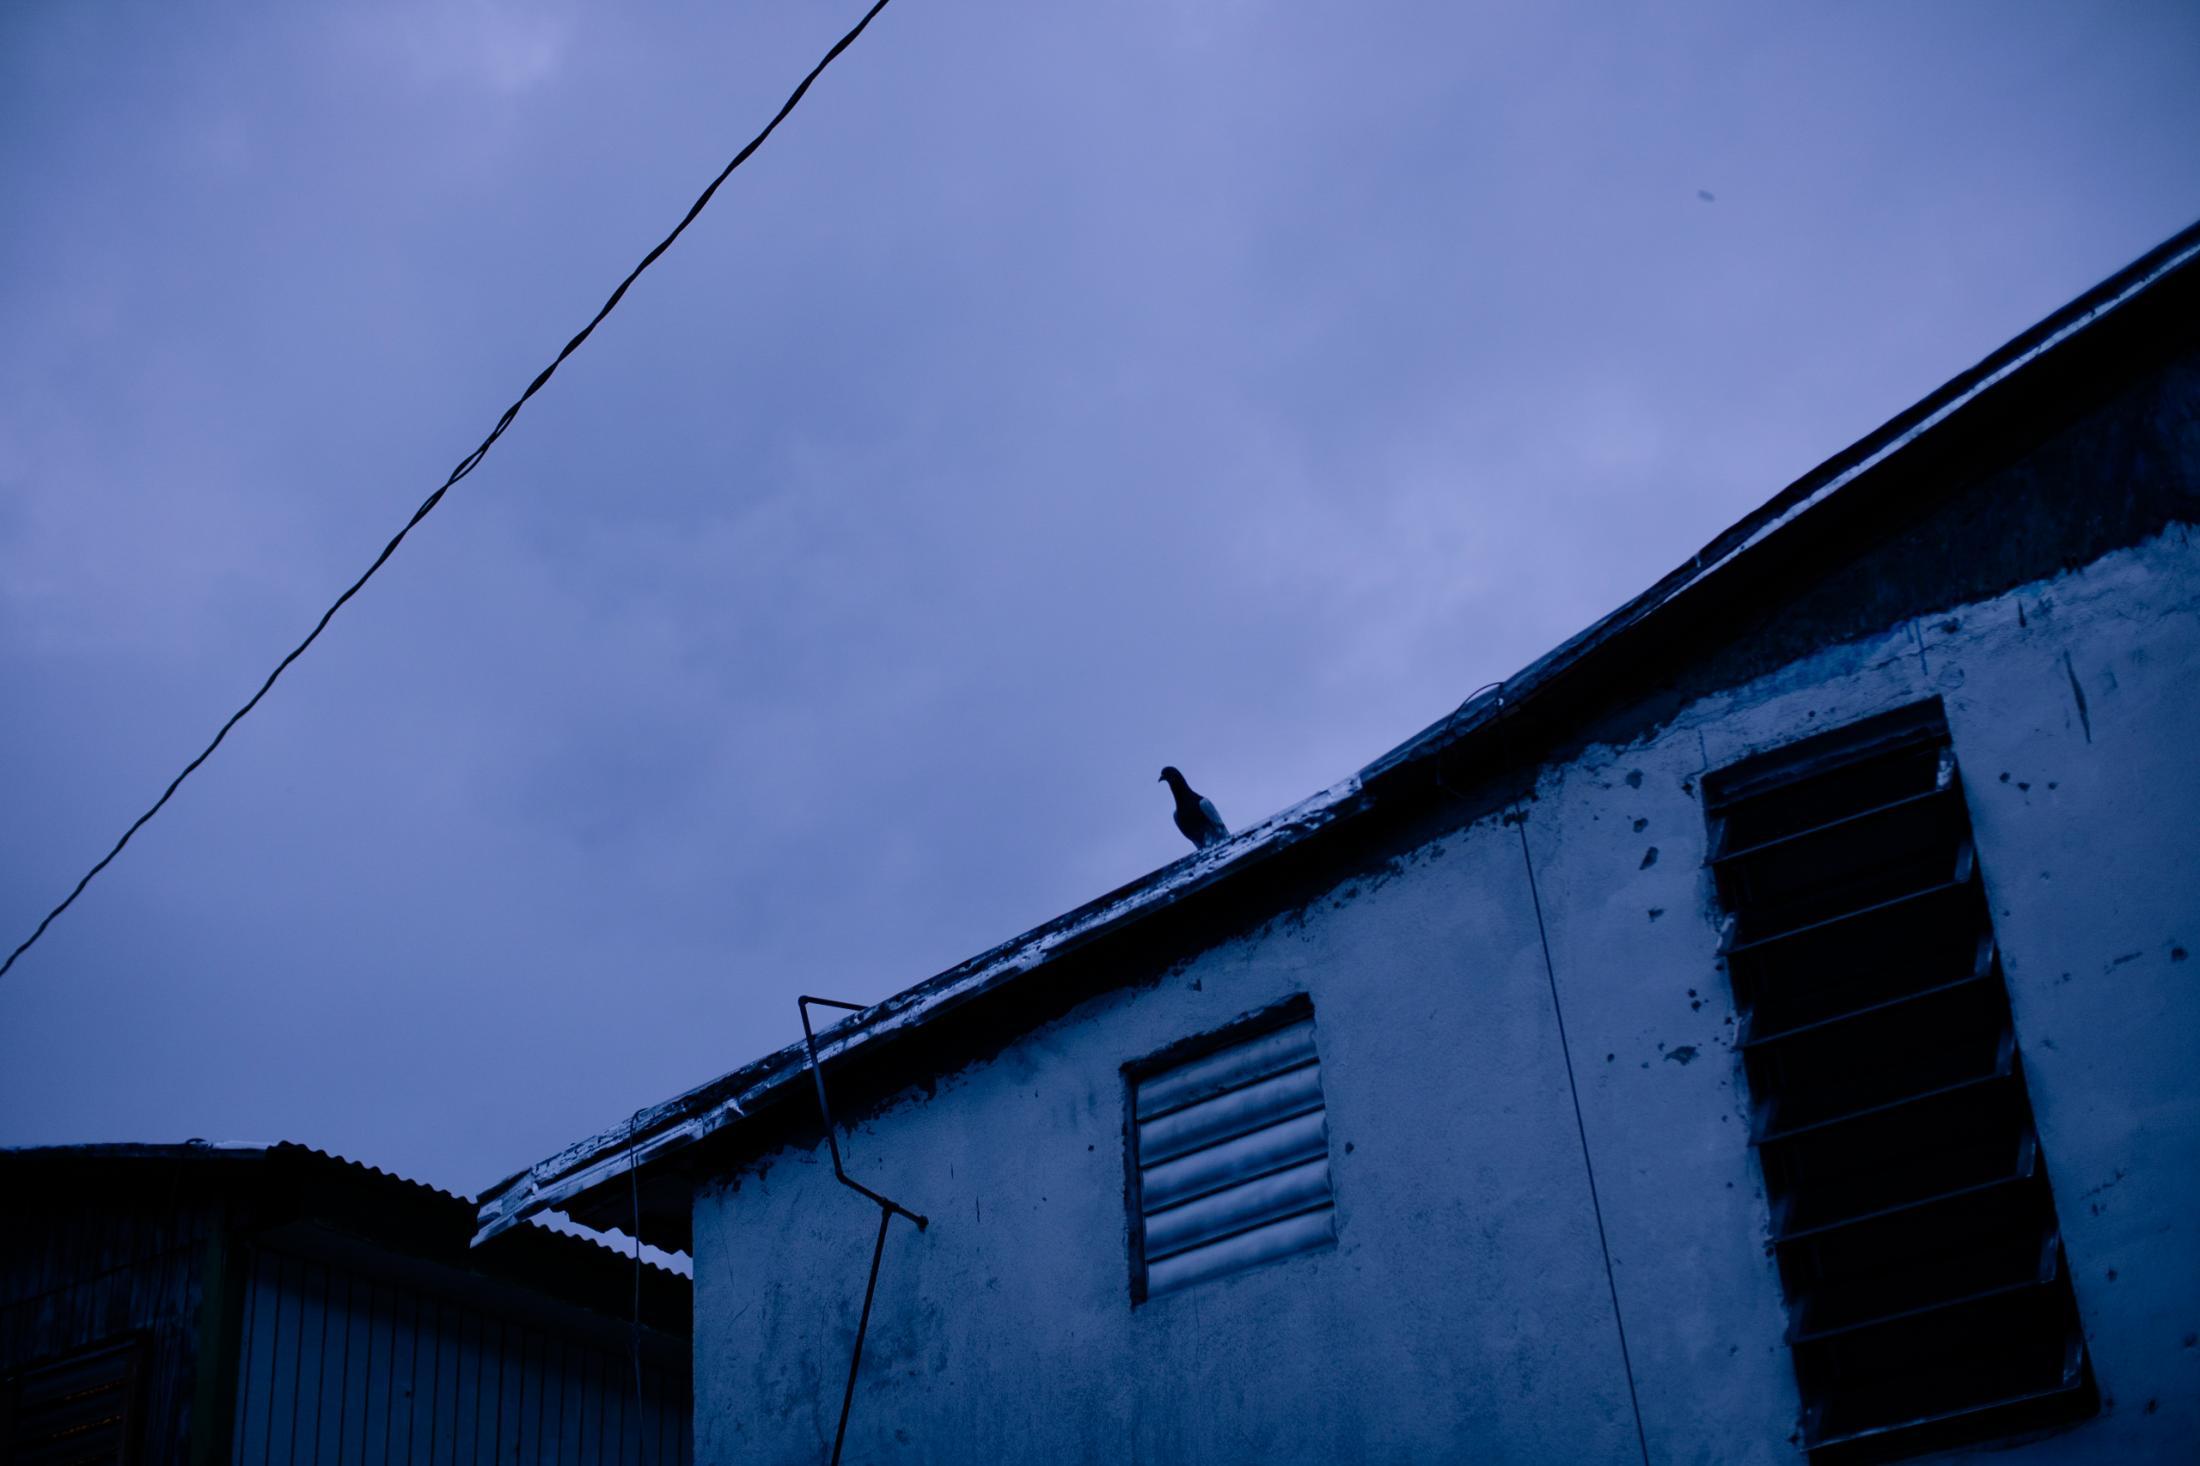 Image of Puerto Rico taken by José A. Alvarado Jr.